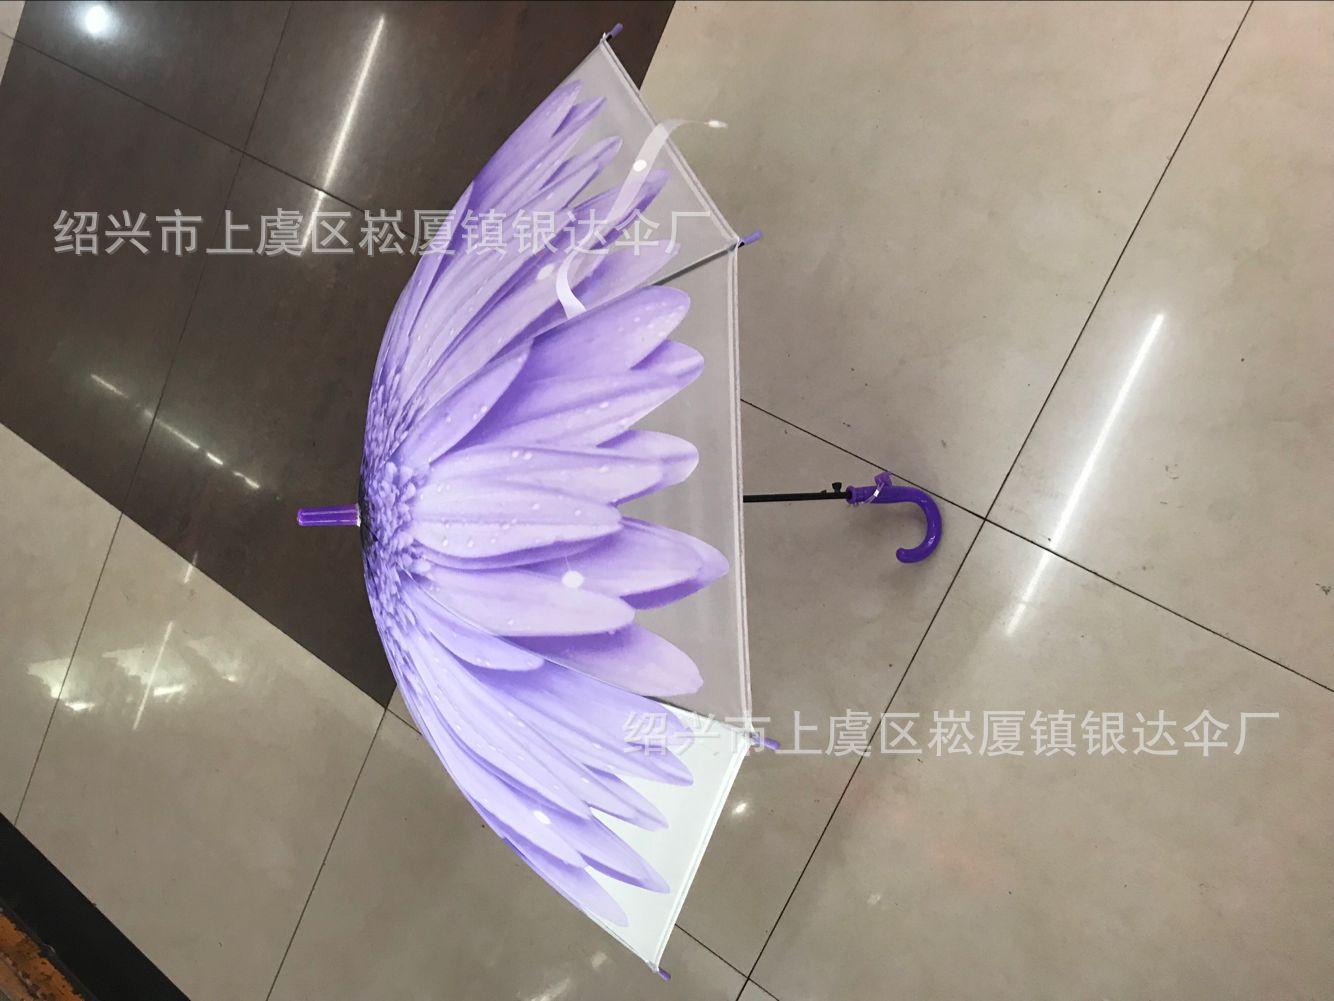 儿童伞50公分EVA环保伞自动8片颜色鲜艳漂亮可爱小孩子最喜欢